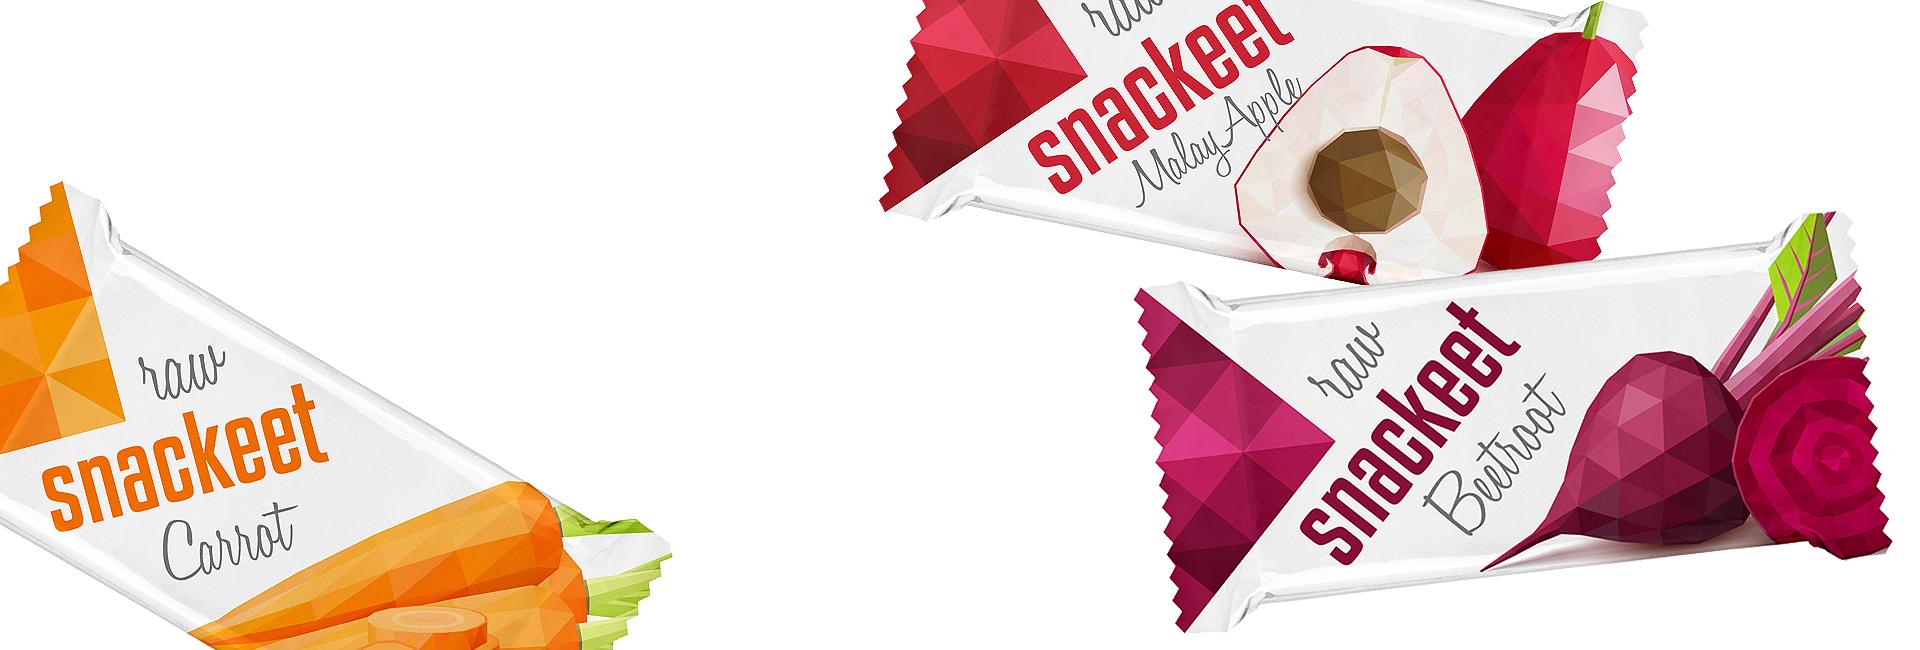 Navrhli sme obalový dizajn pre raw tyčinku snackeet